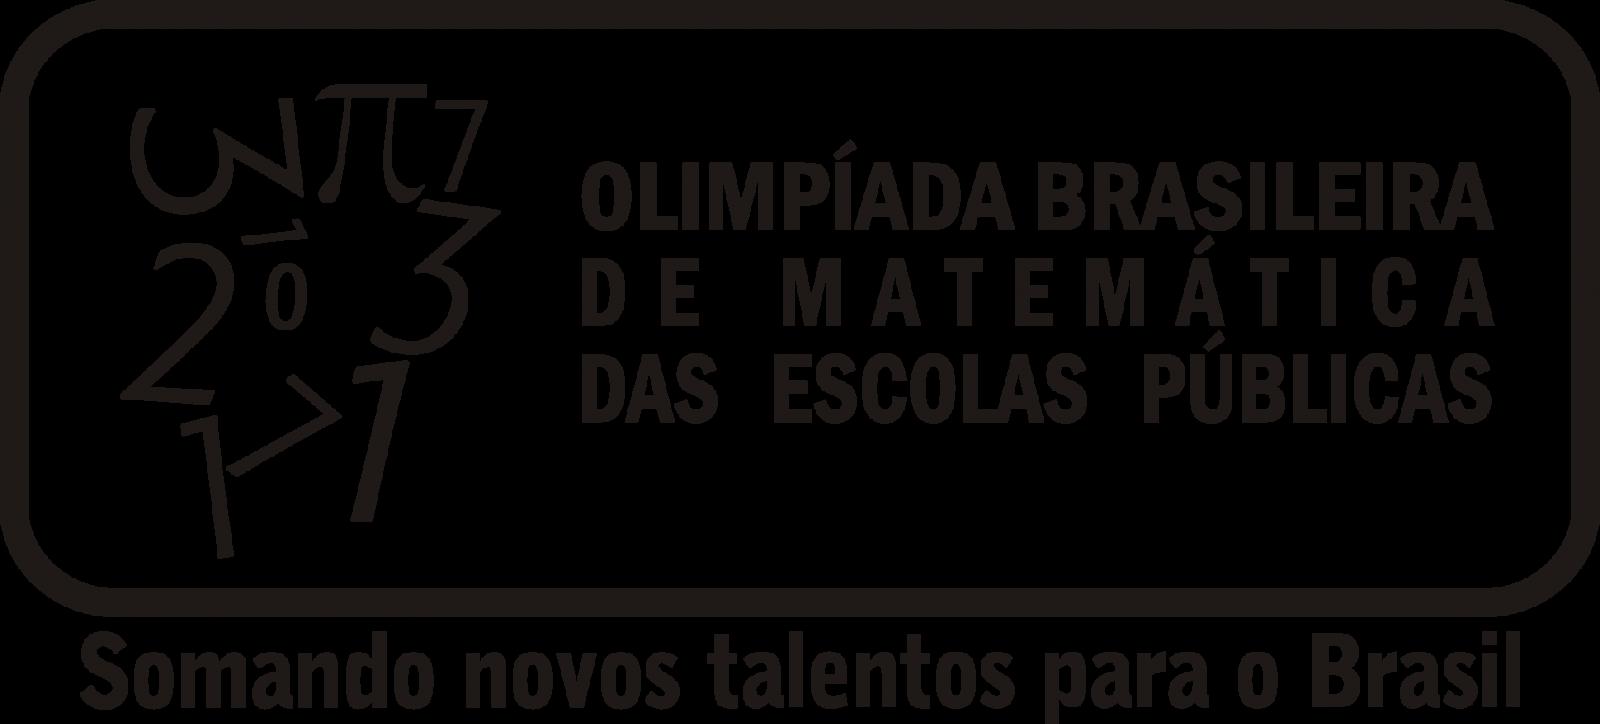 Estudantes da Rede Municipal de Educação de Itarana premiados na 1ª Olimpíada Brasileira de Matemática